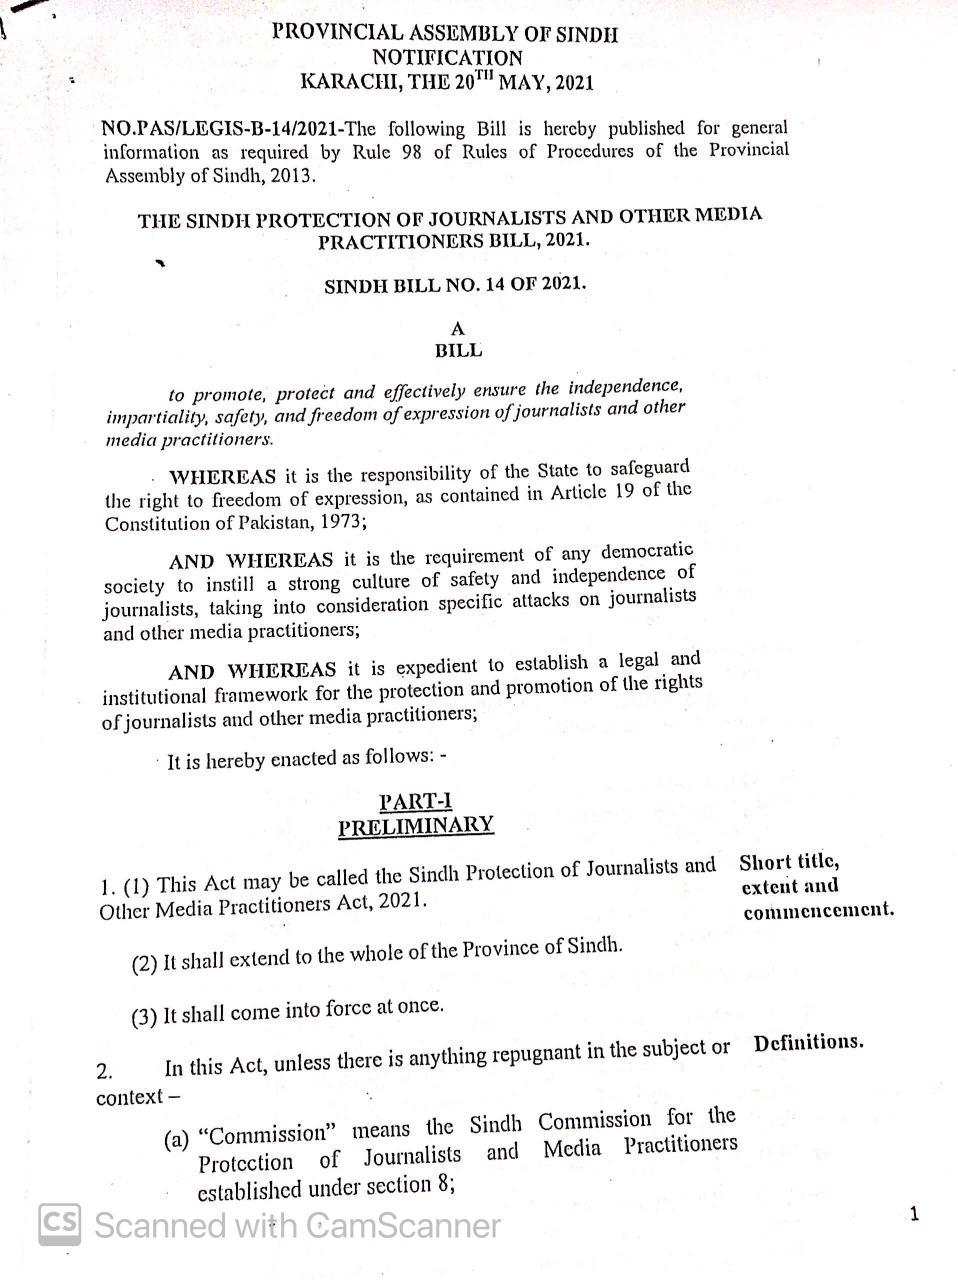 جانیے صحافیوں اور میڈیا ورکرز کے تحفظ کے قانون کے مسودے میں کیا ہے ؟؟؟